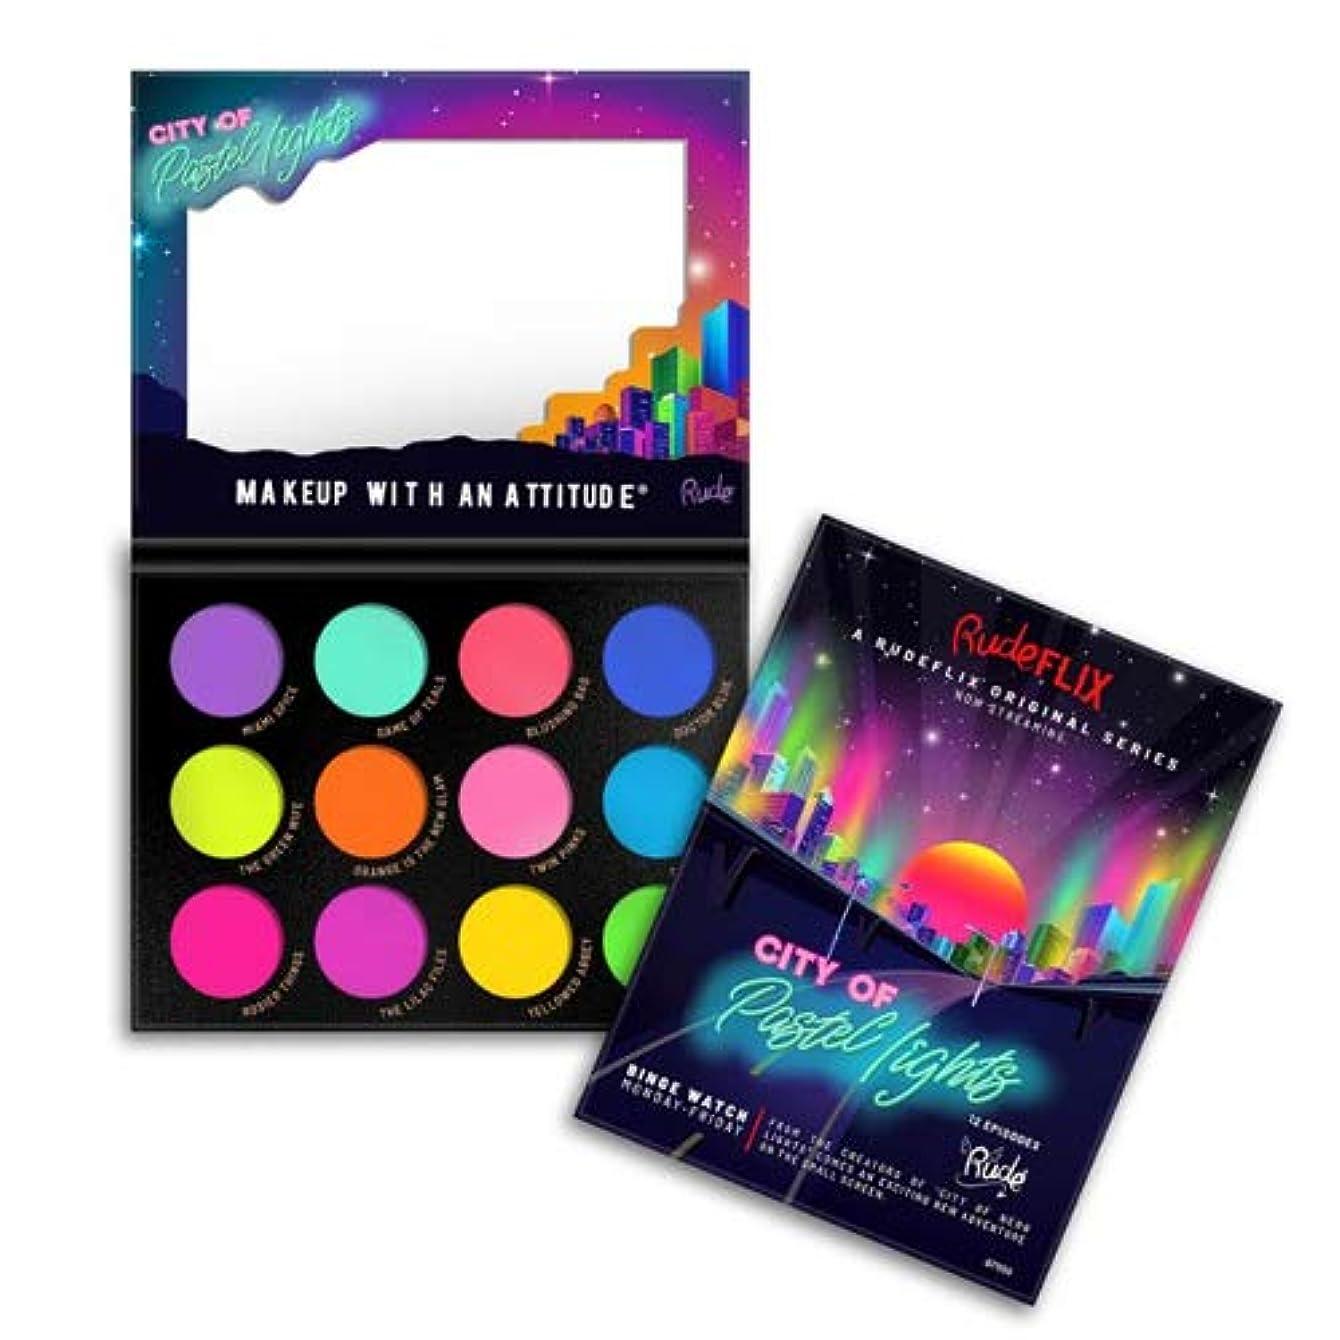 崩壊同一の領収書RUDE City of Pastel Lights - 12 Pastel Pigment & Eyeshadow Palette (6 Pack) (並行輸入品)